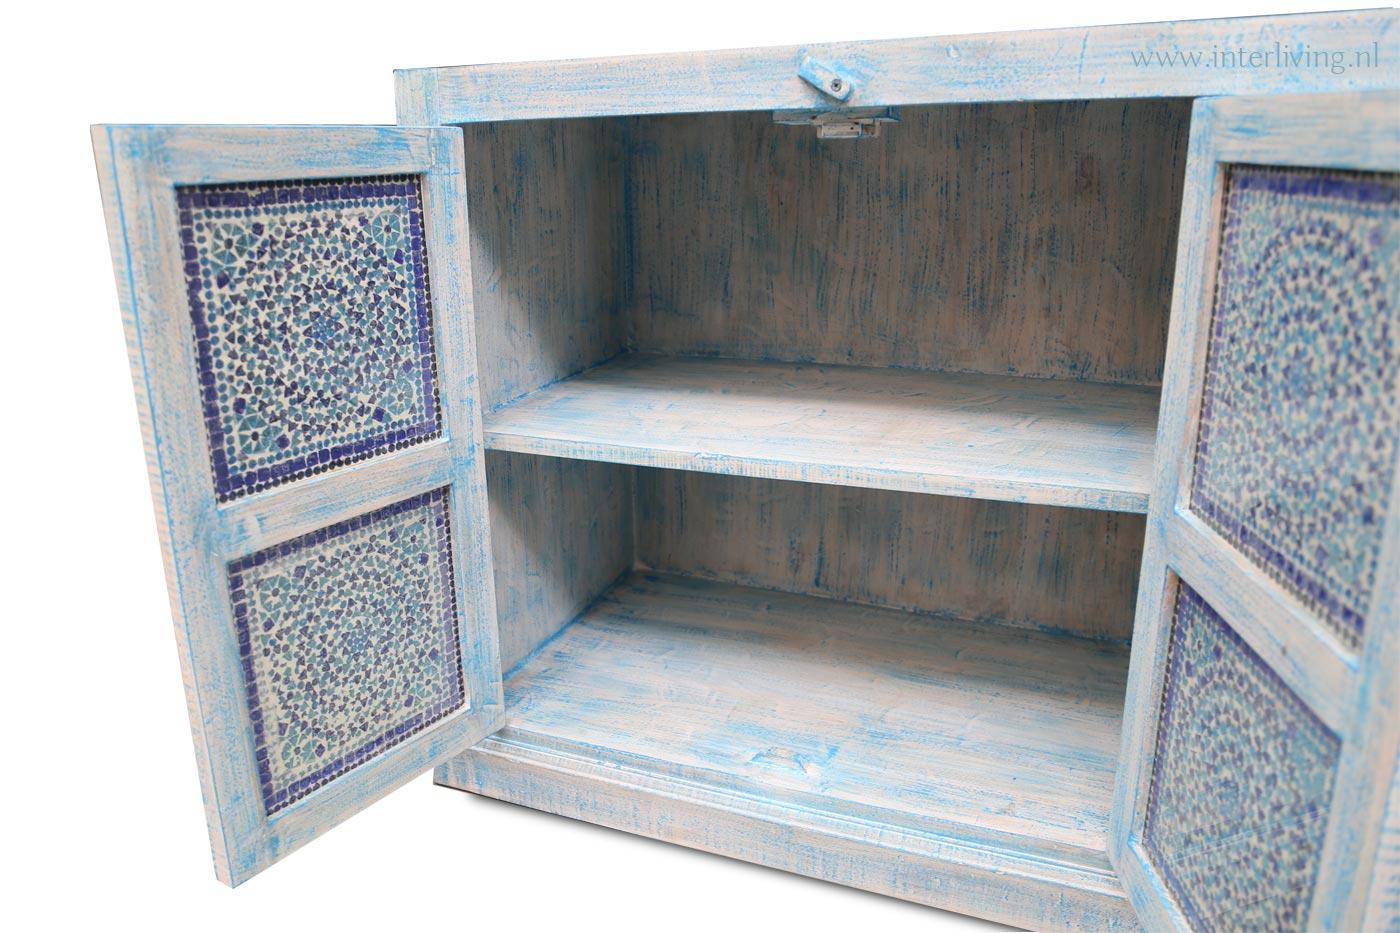 blauwe kast met panelen van glasmozaiek